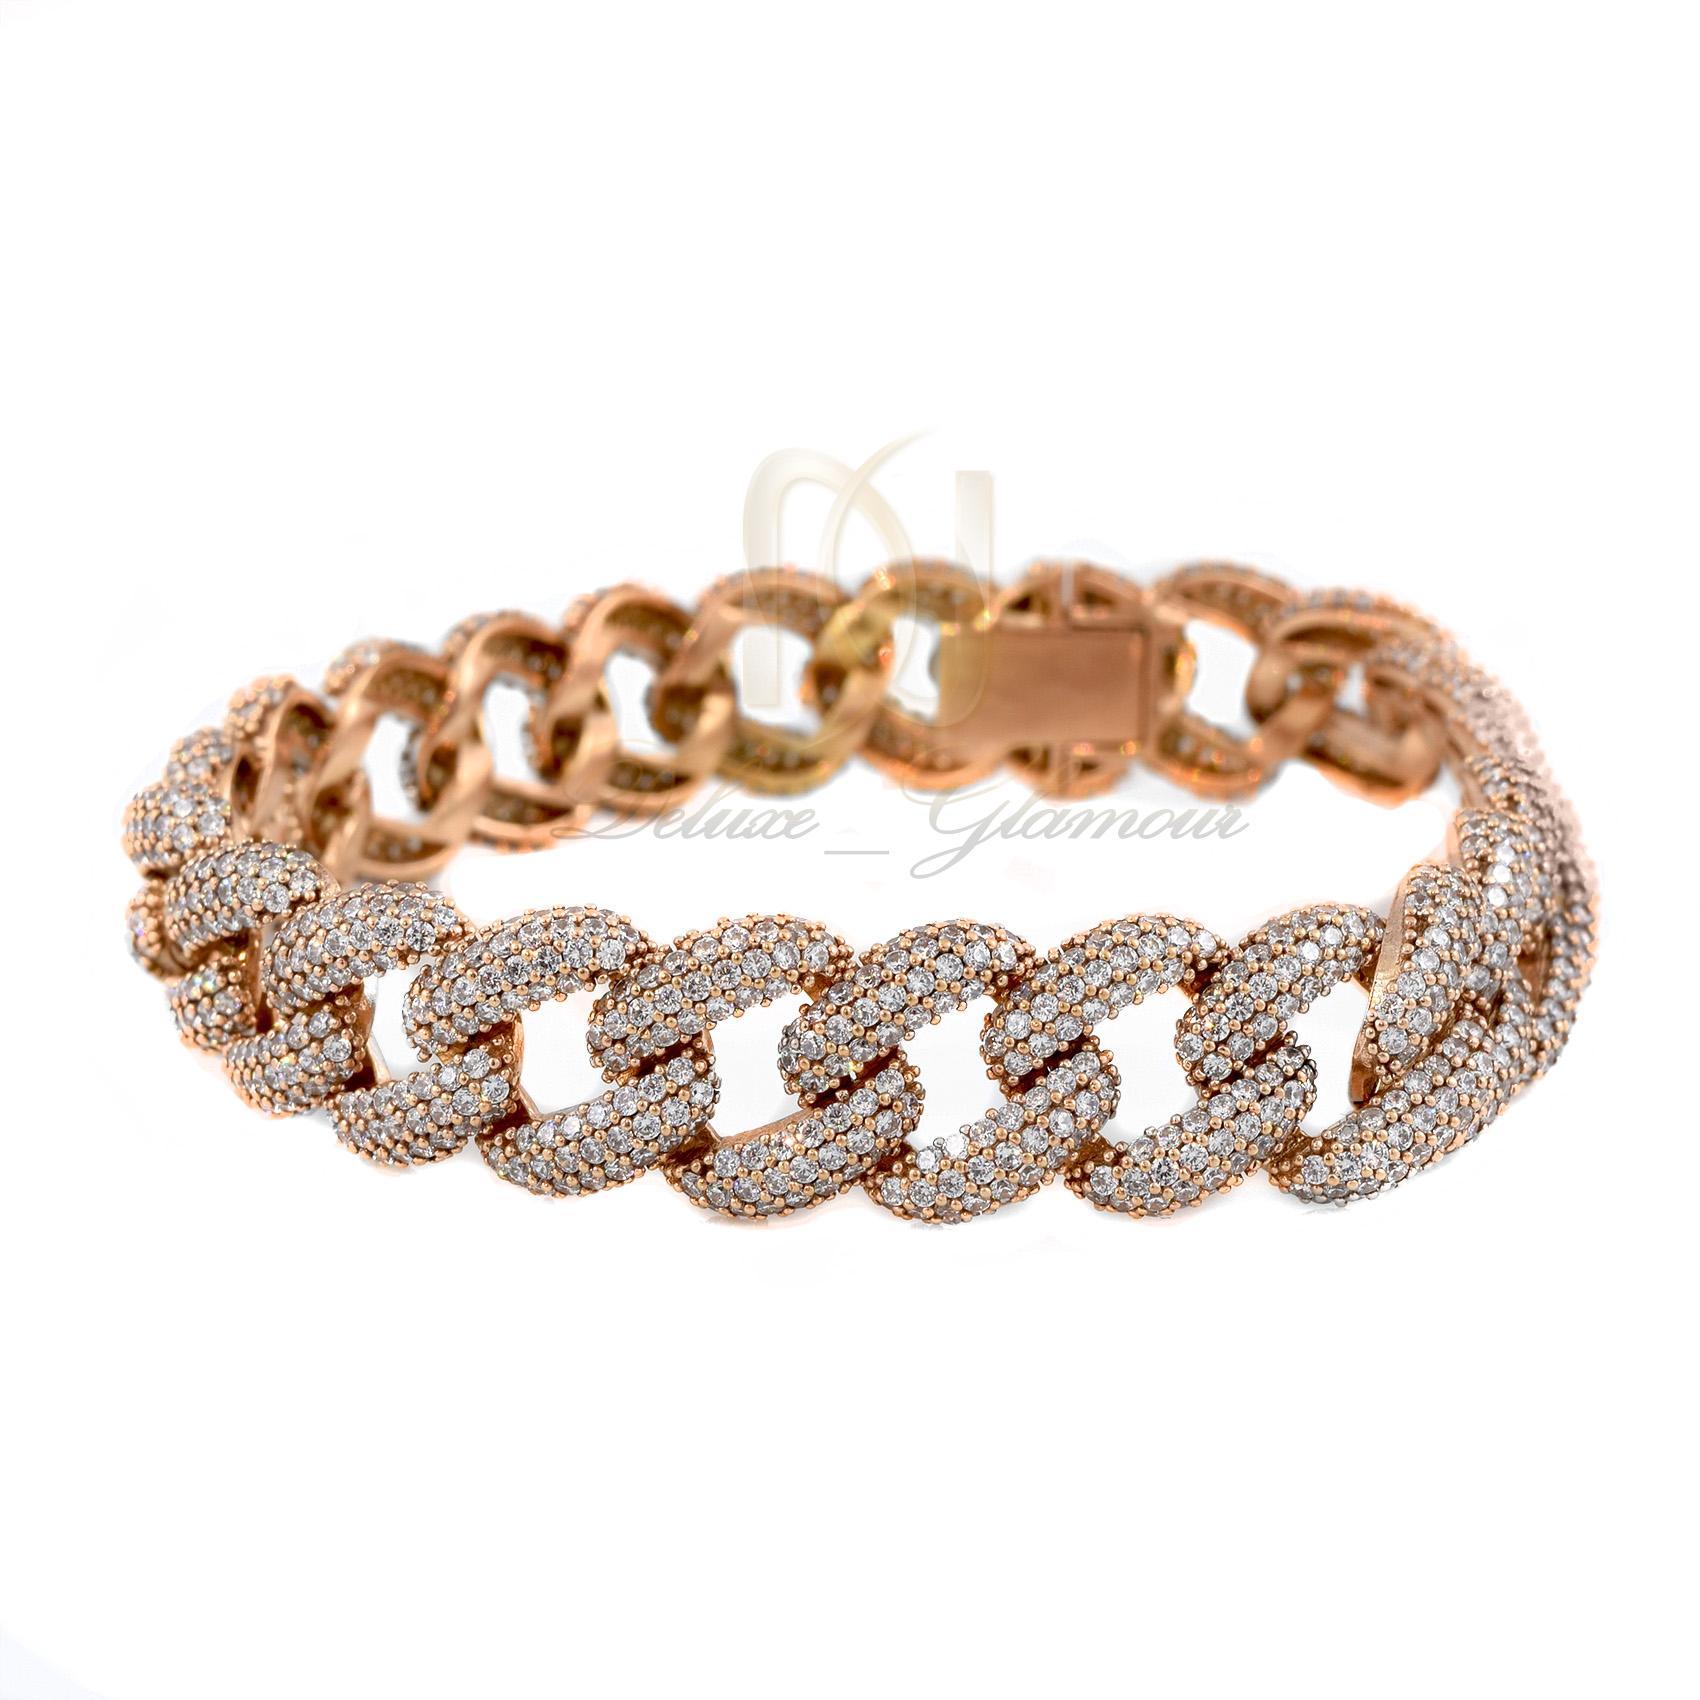 دستبند نقره زنانه رزگلد کارتیه Ds-n308 (1)